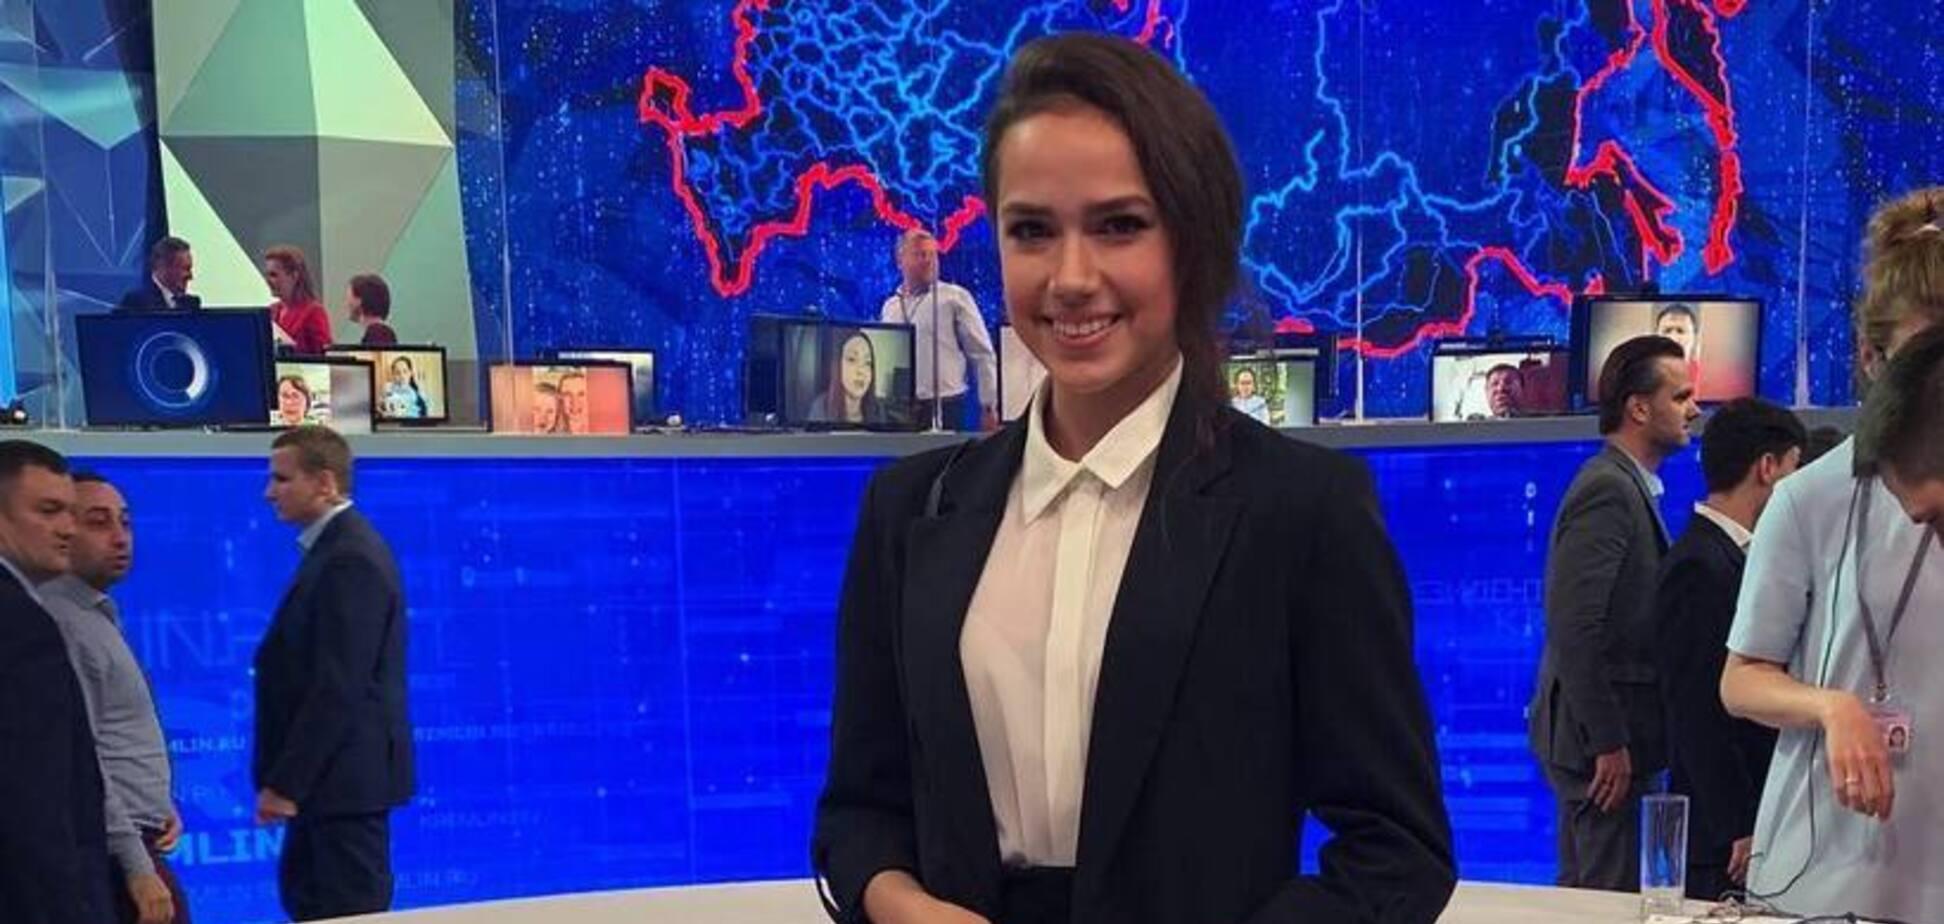 Олімпійська чемпіонка побувала на 'Прямій лінії' Путіна і поплатилася